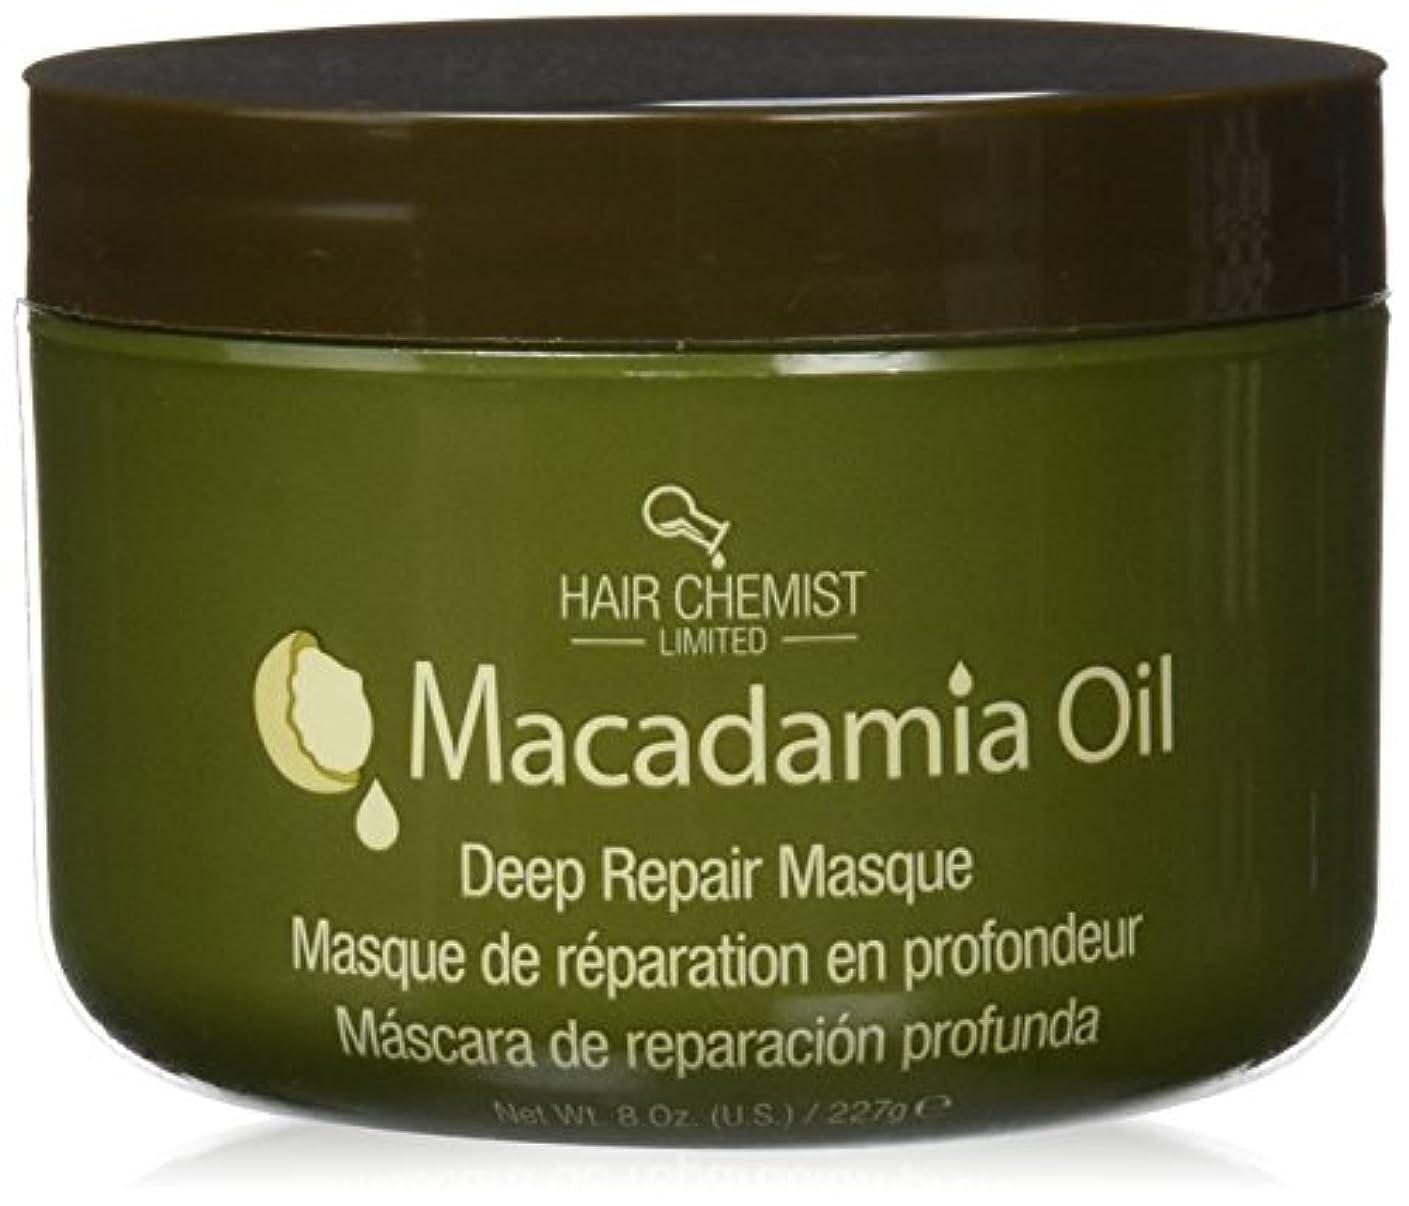 降下円周おそらくHair Chemist ヘアマスク マカダミア オイル ディープリペアマスク 227g Macadamia Oil Deep Repair Mask 1434 New York